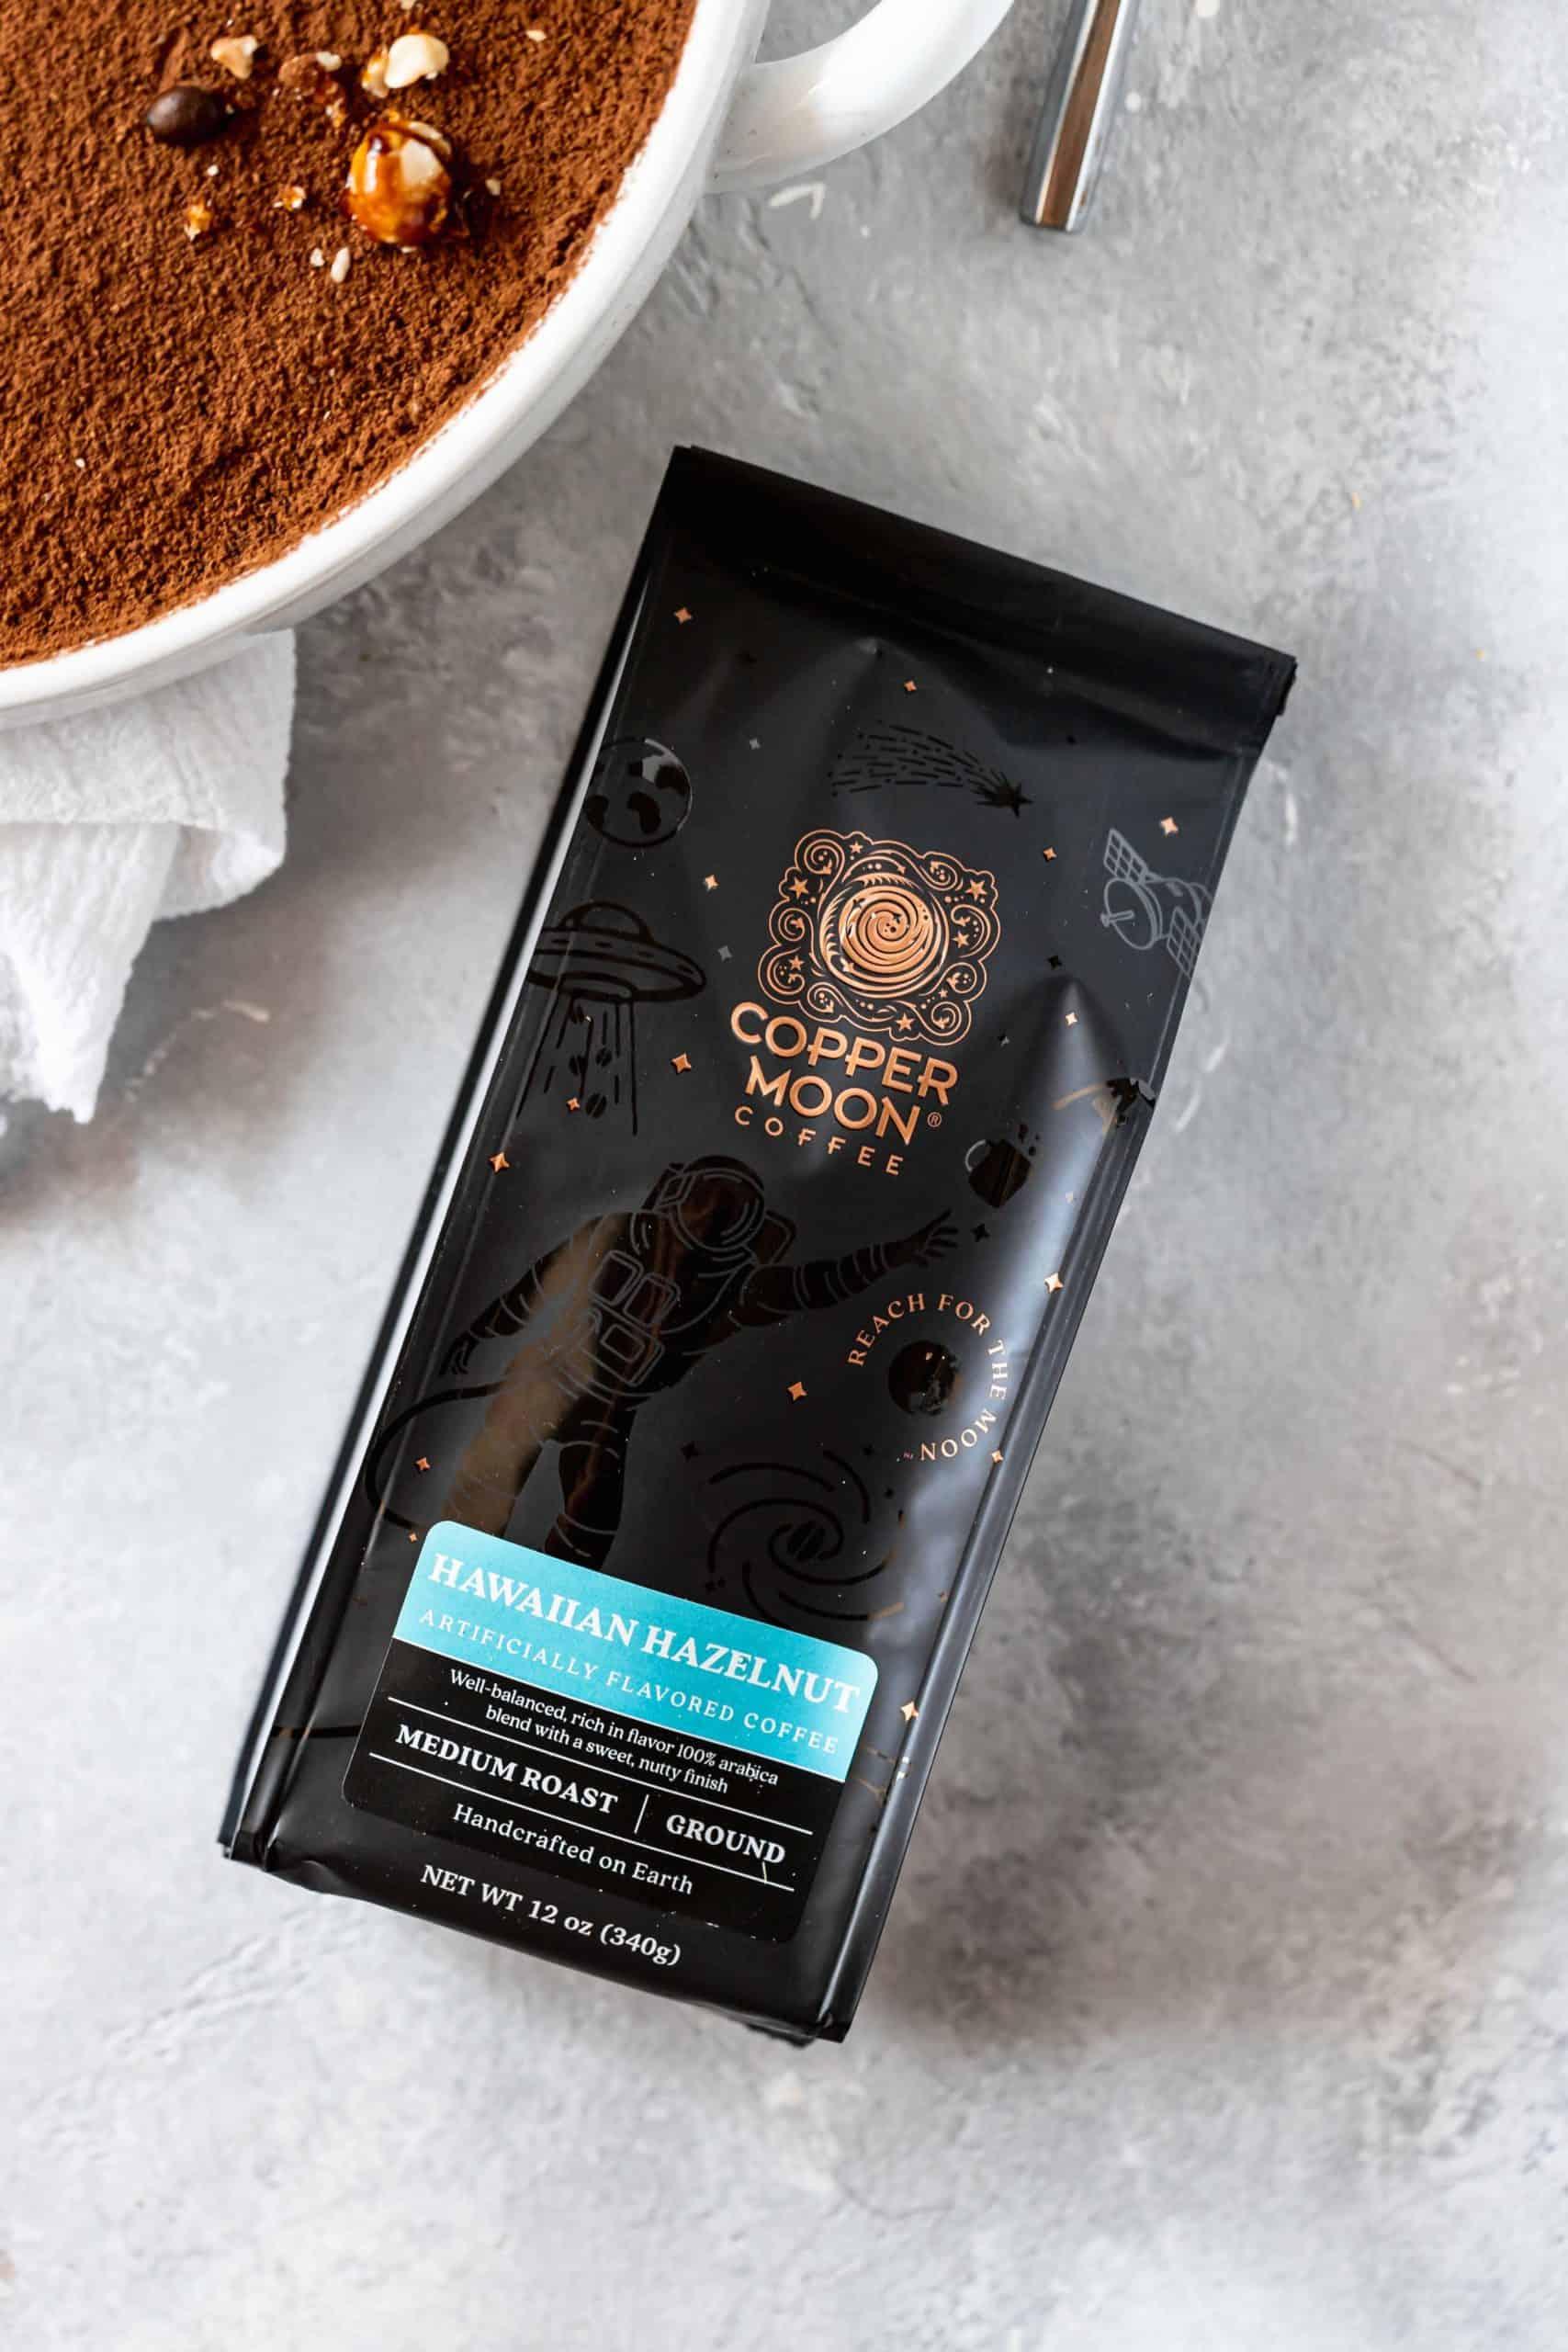 Copper Moon Coffee Hawaiian Hazelnut Blend